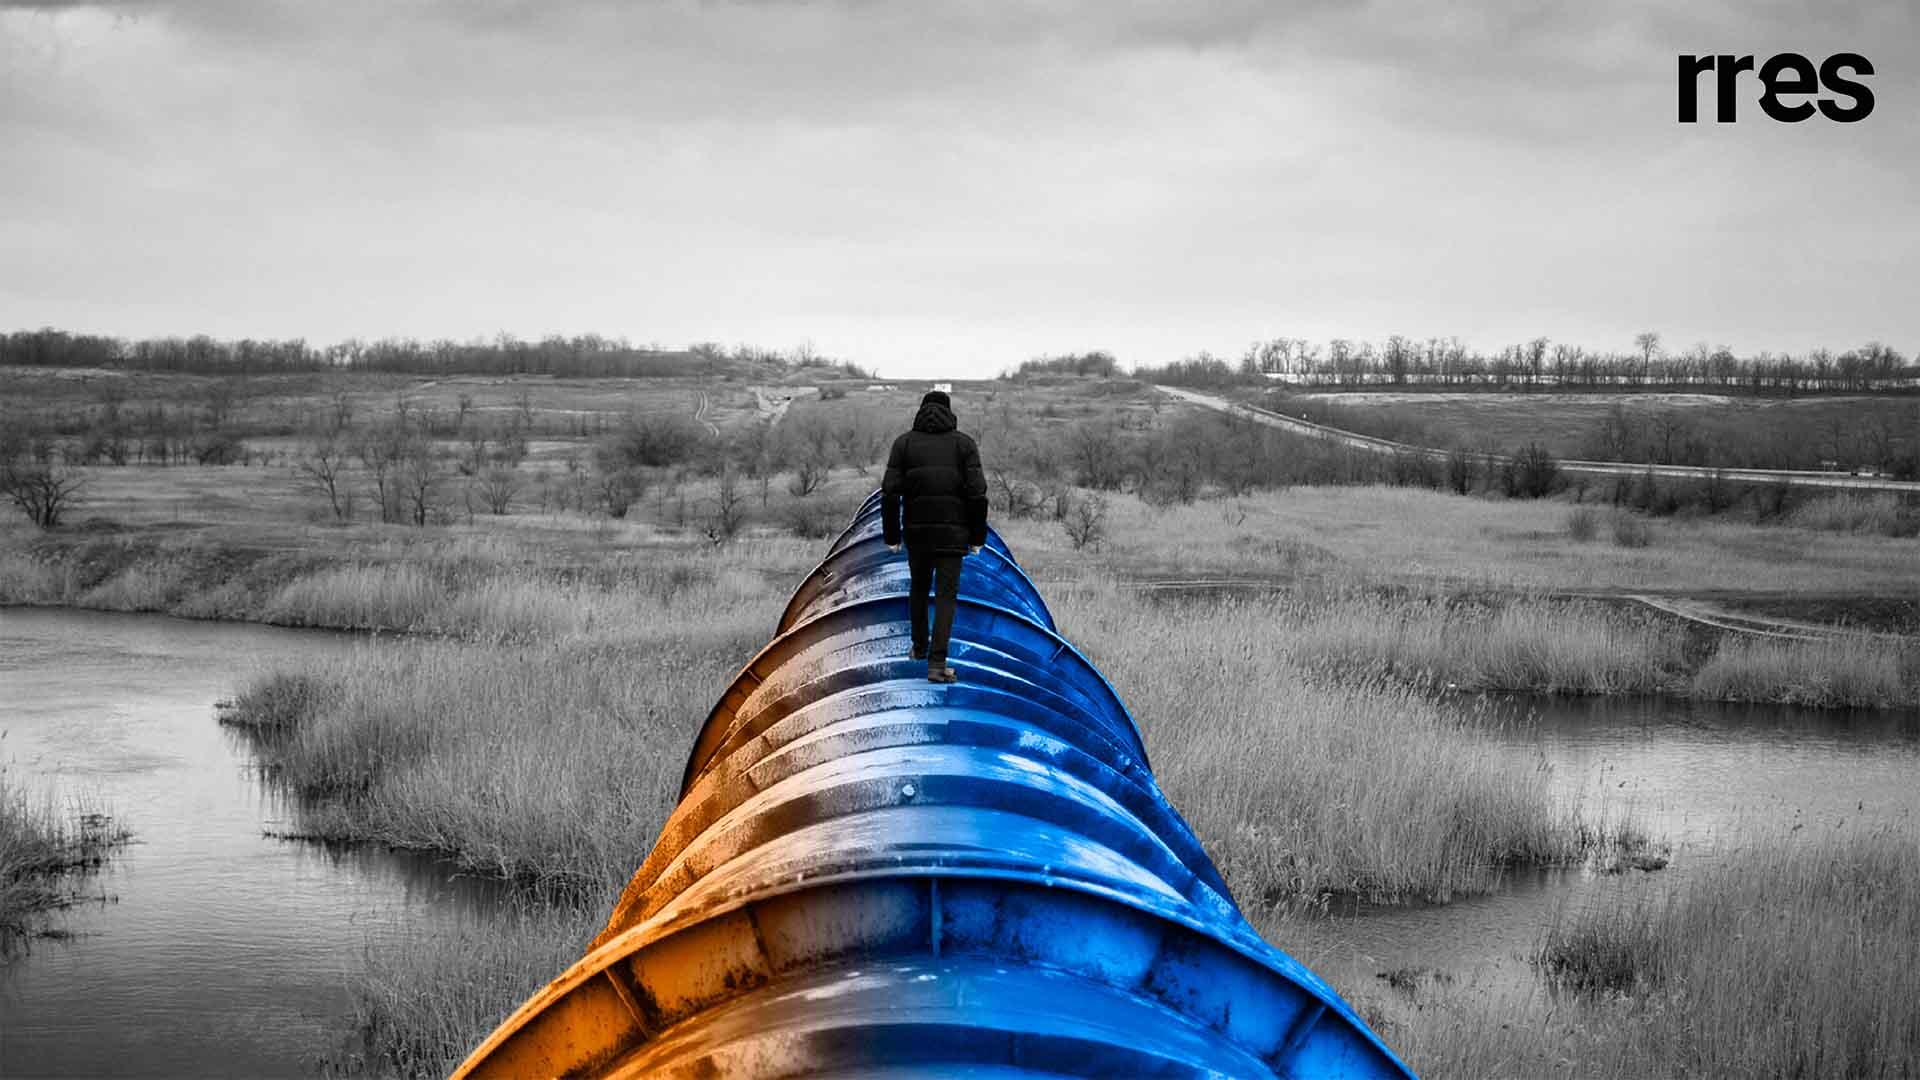 La encrucijada de las empresas energéticas, por Tony Bianchi